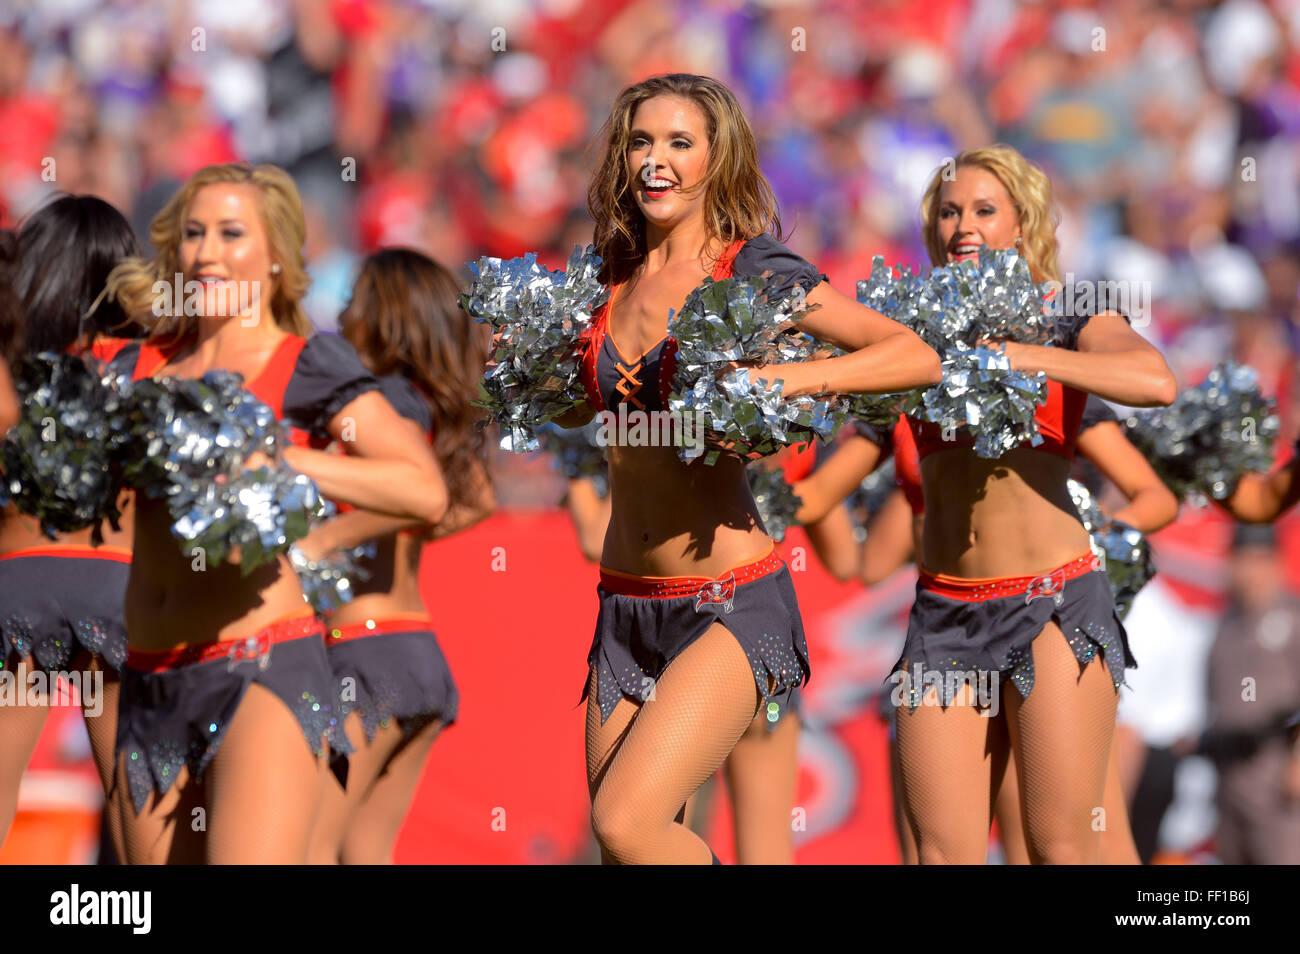 NFL cheerleaders dating voetbalspelers Zie je hart dating